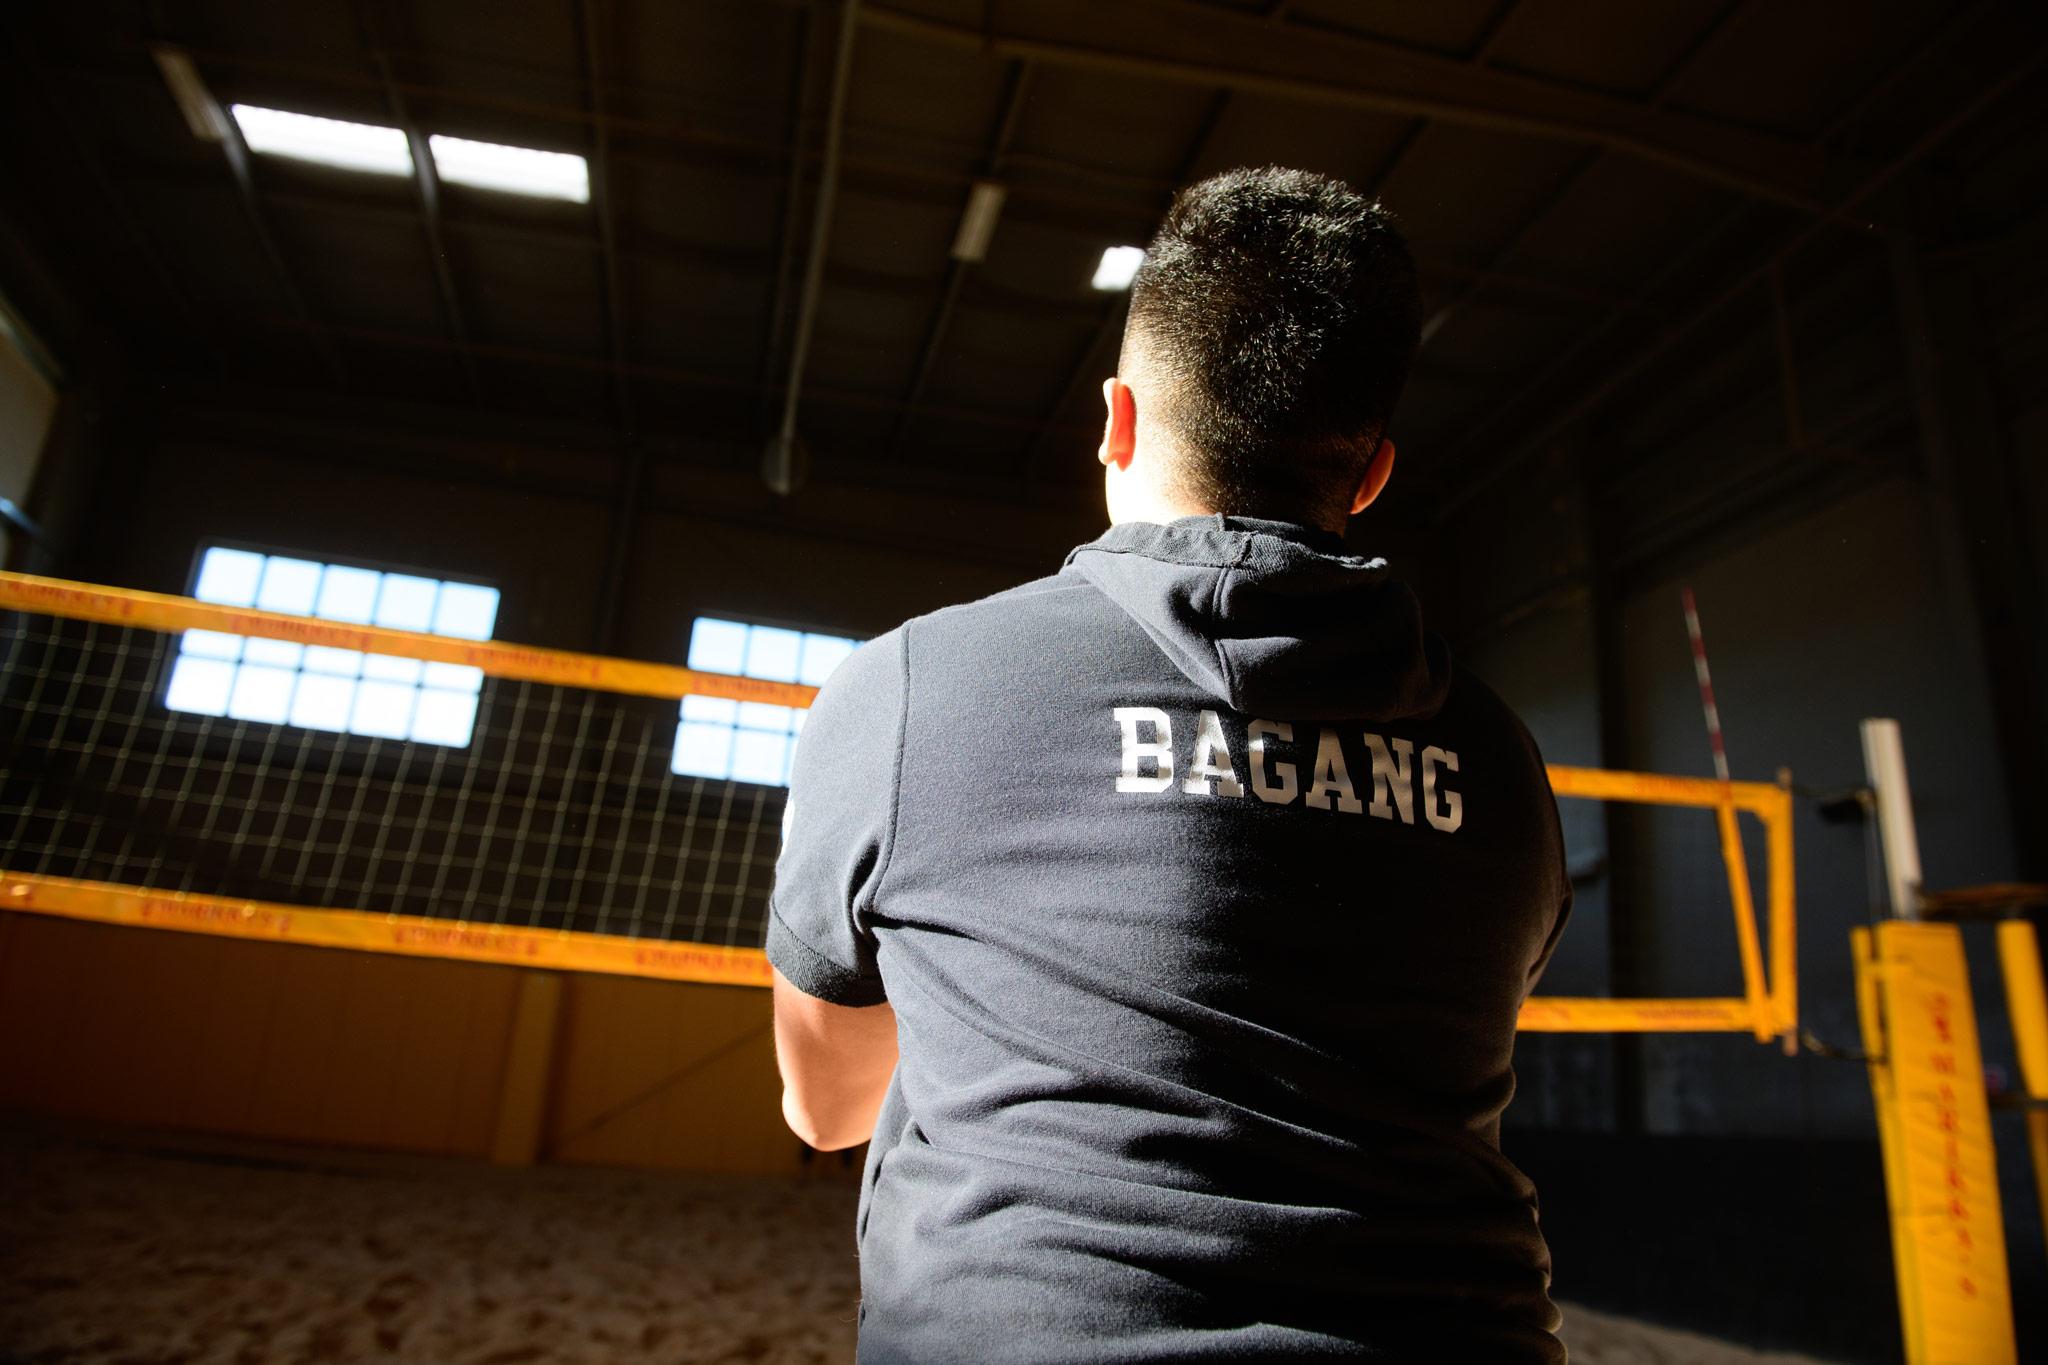 gil_bagang_-6